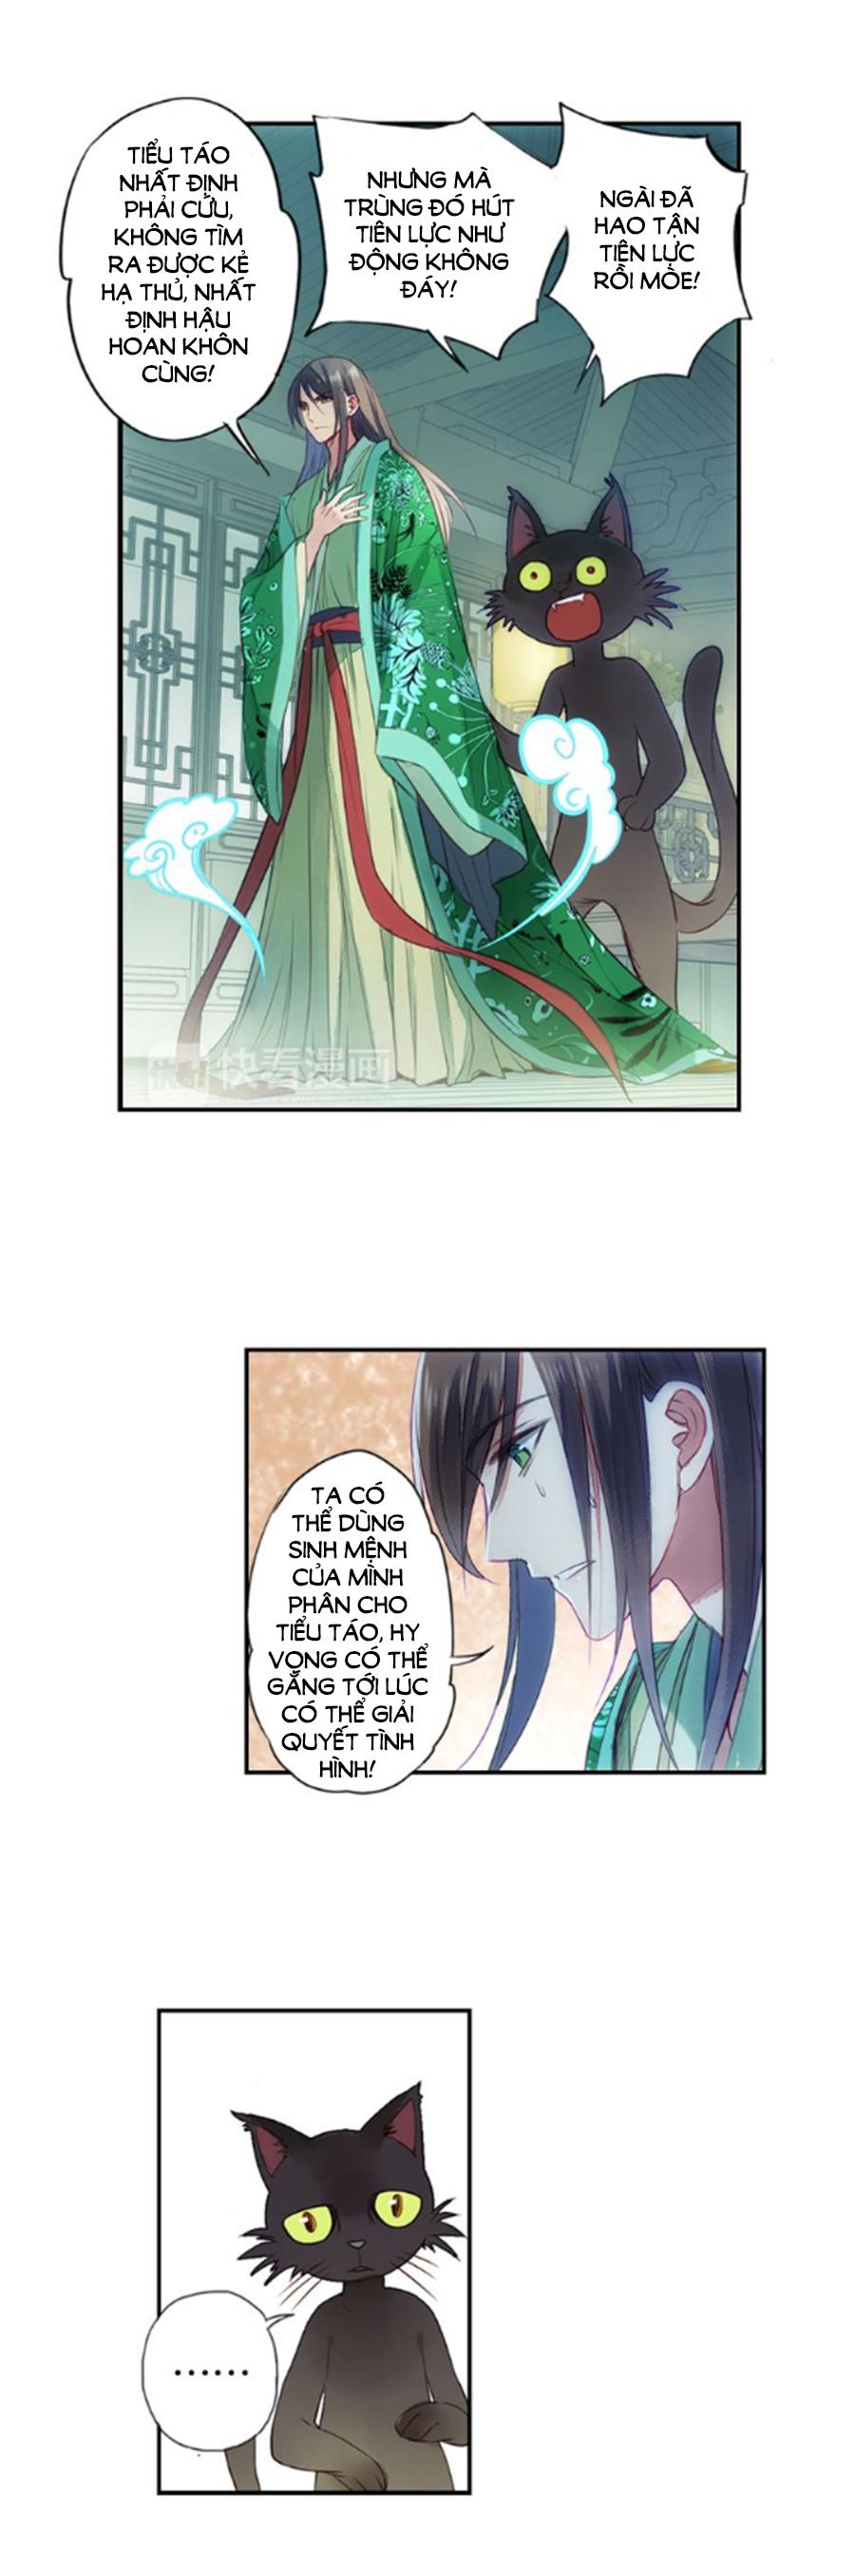 Sơn Thần và Tiểu Táo 2 Chap 5 - Next Chap 6